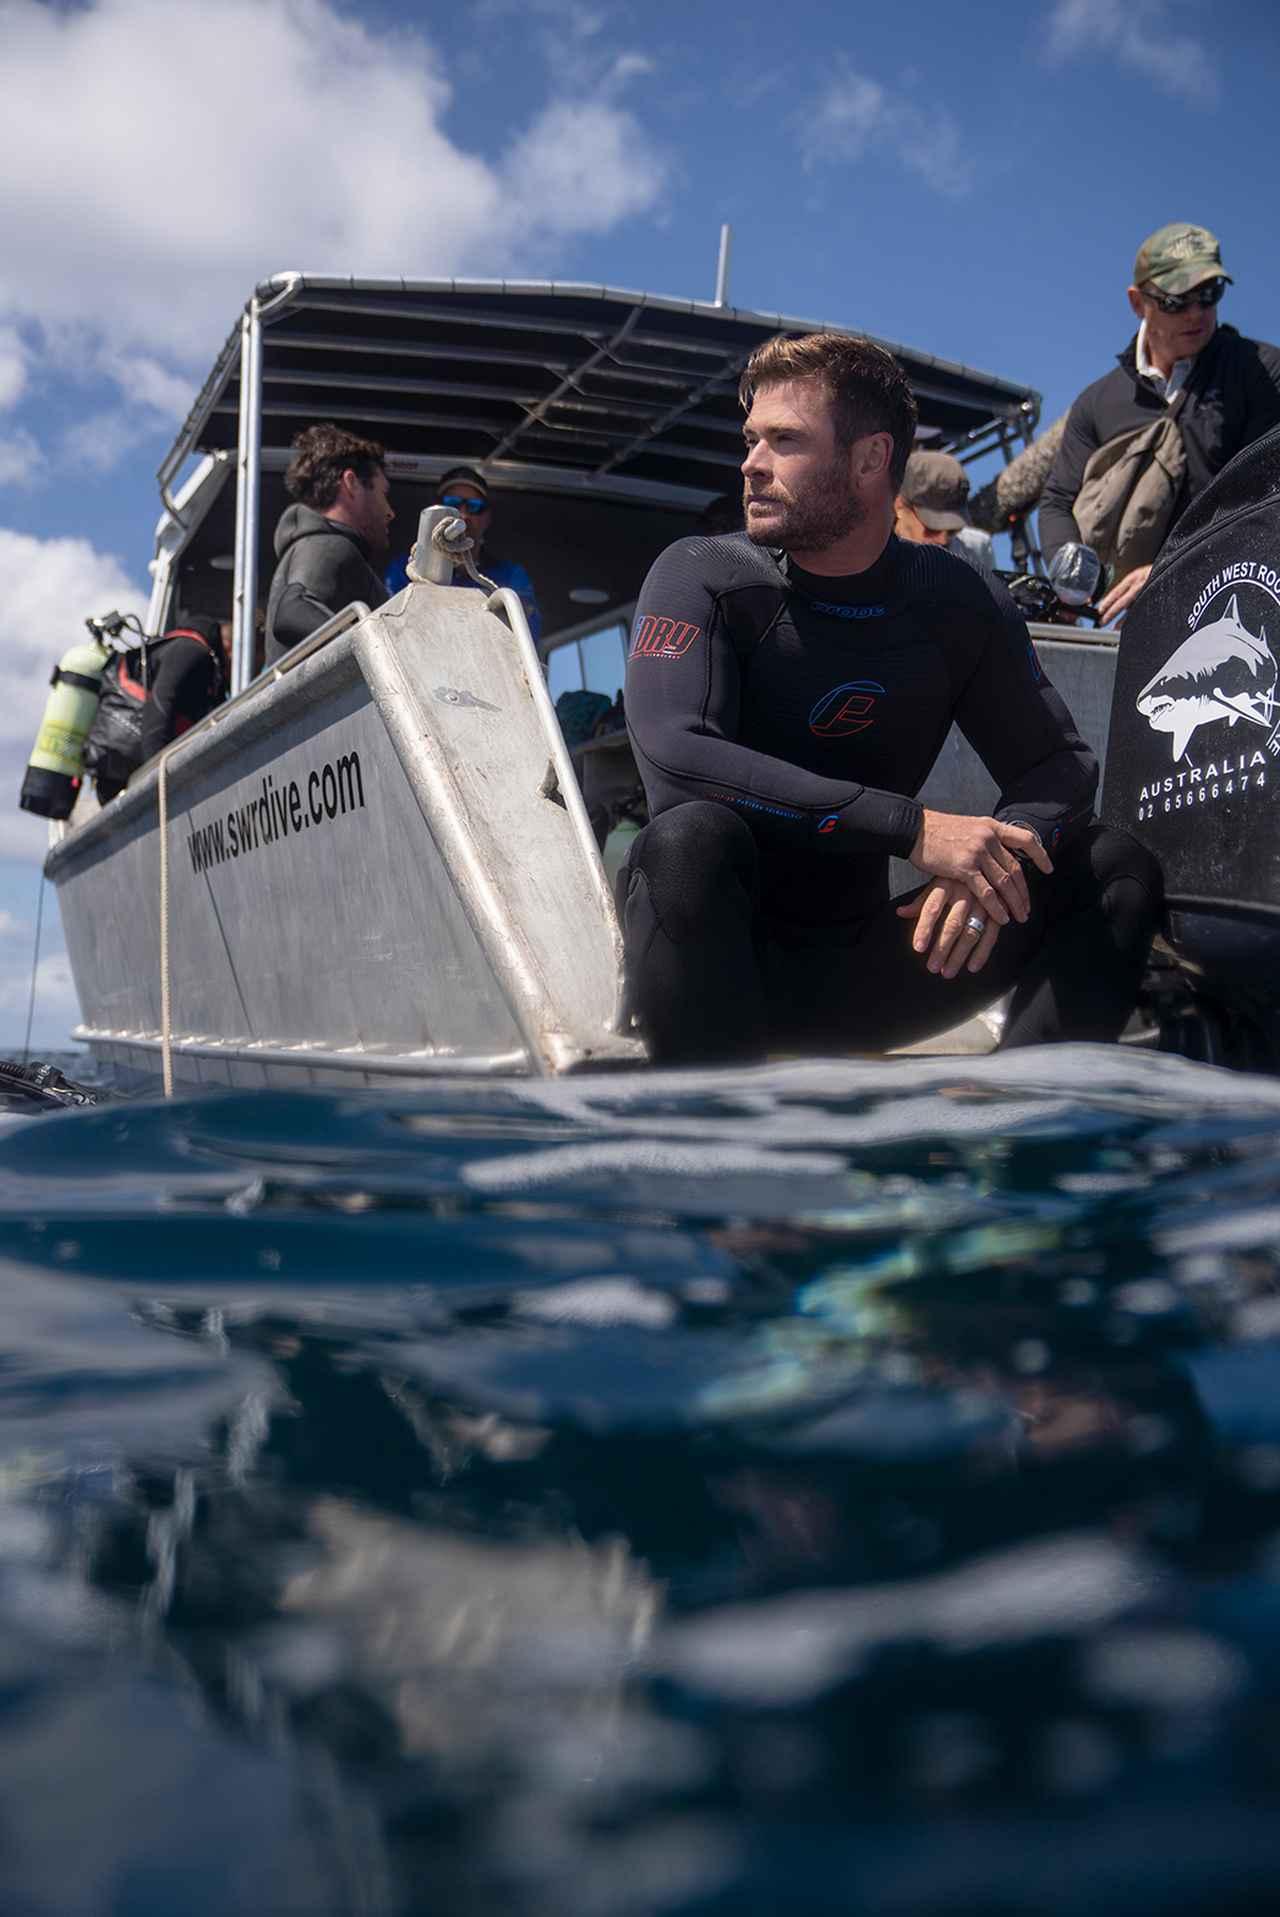 画像: 「クリス・ヘムズワースinシャーク・ビーチ」 (c)National Geographic